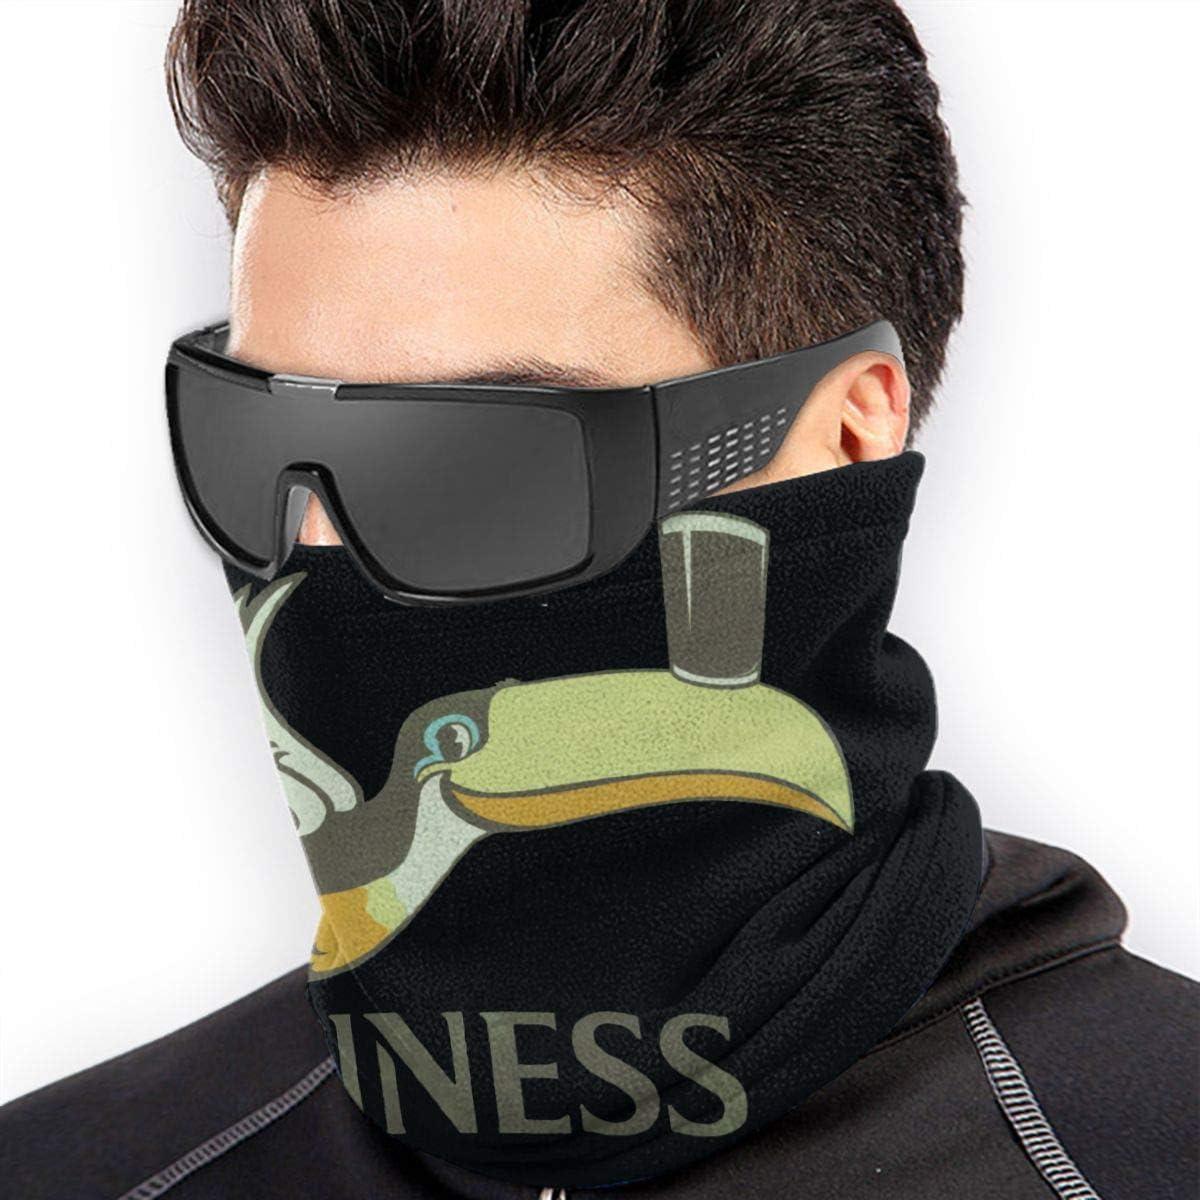 SYSFOUR Guinness Unisex Microfiber Face Ma-sk Neck Gaiter Sun Protection Dust Headwear Balaclava